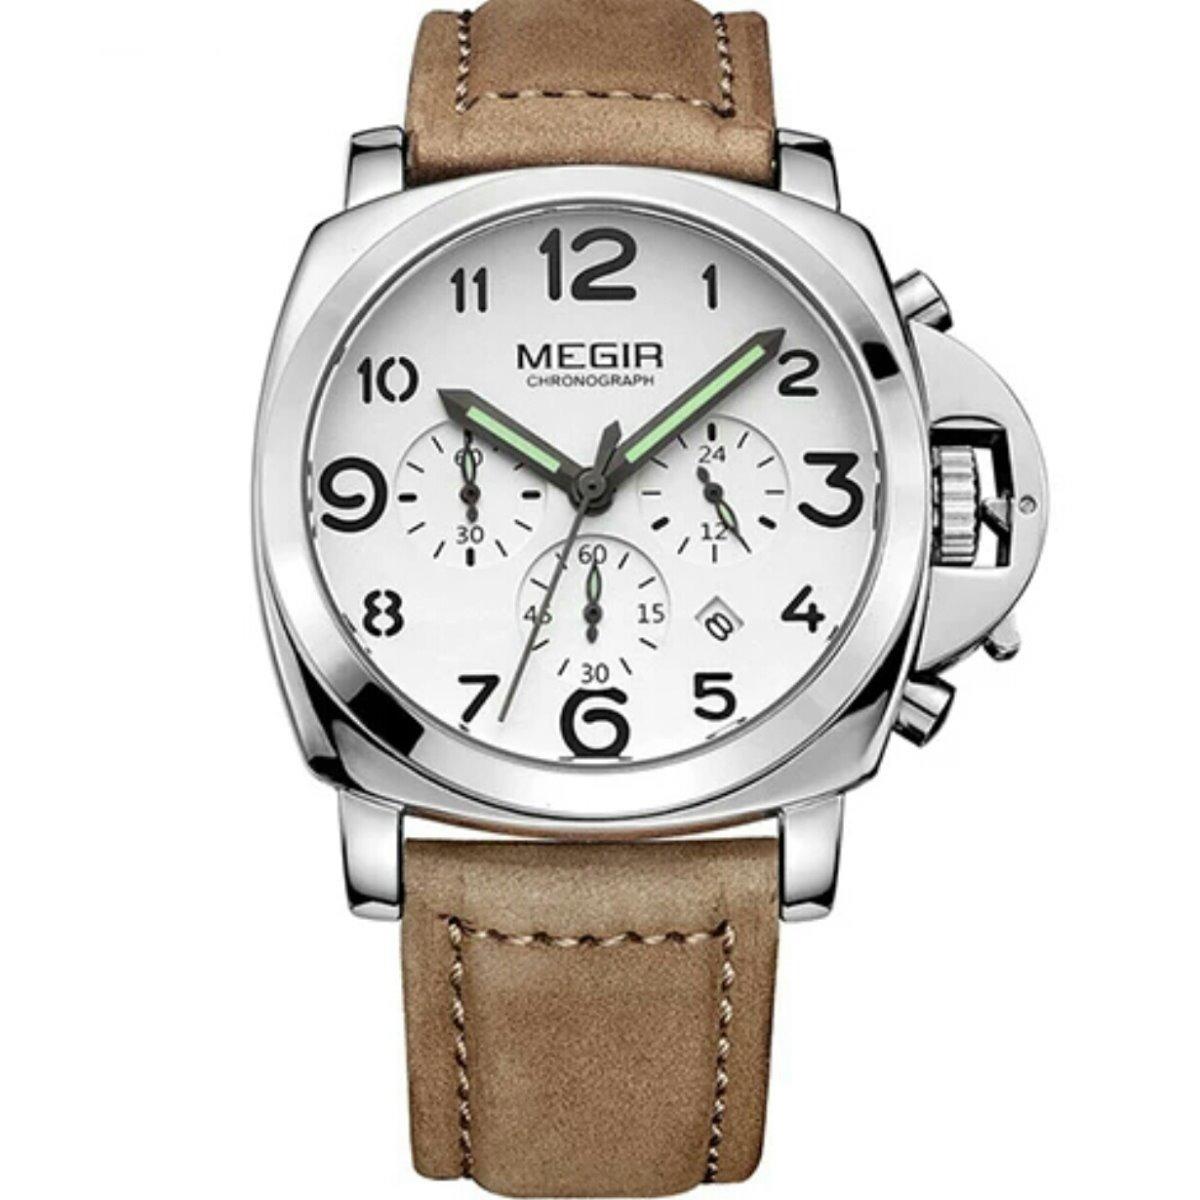 011730e4746 relógio megir 3406 masculino luxo pulseira couro envio grats. Carregando  zoom.